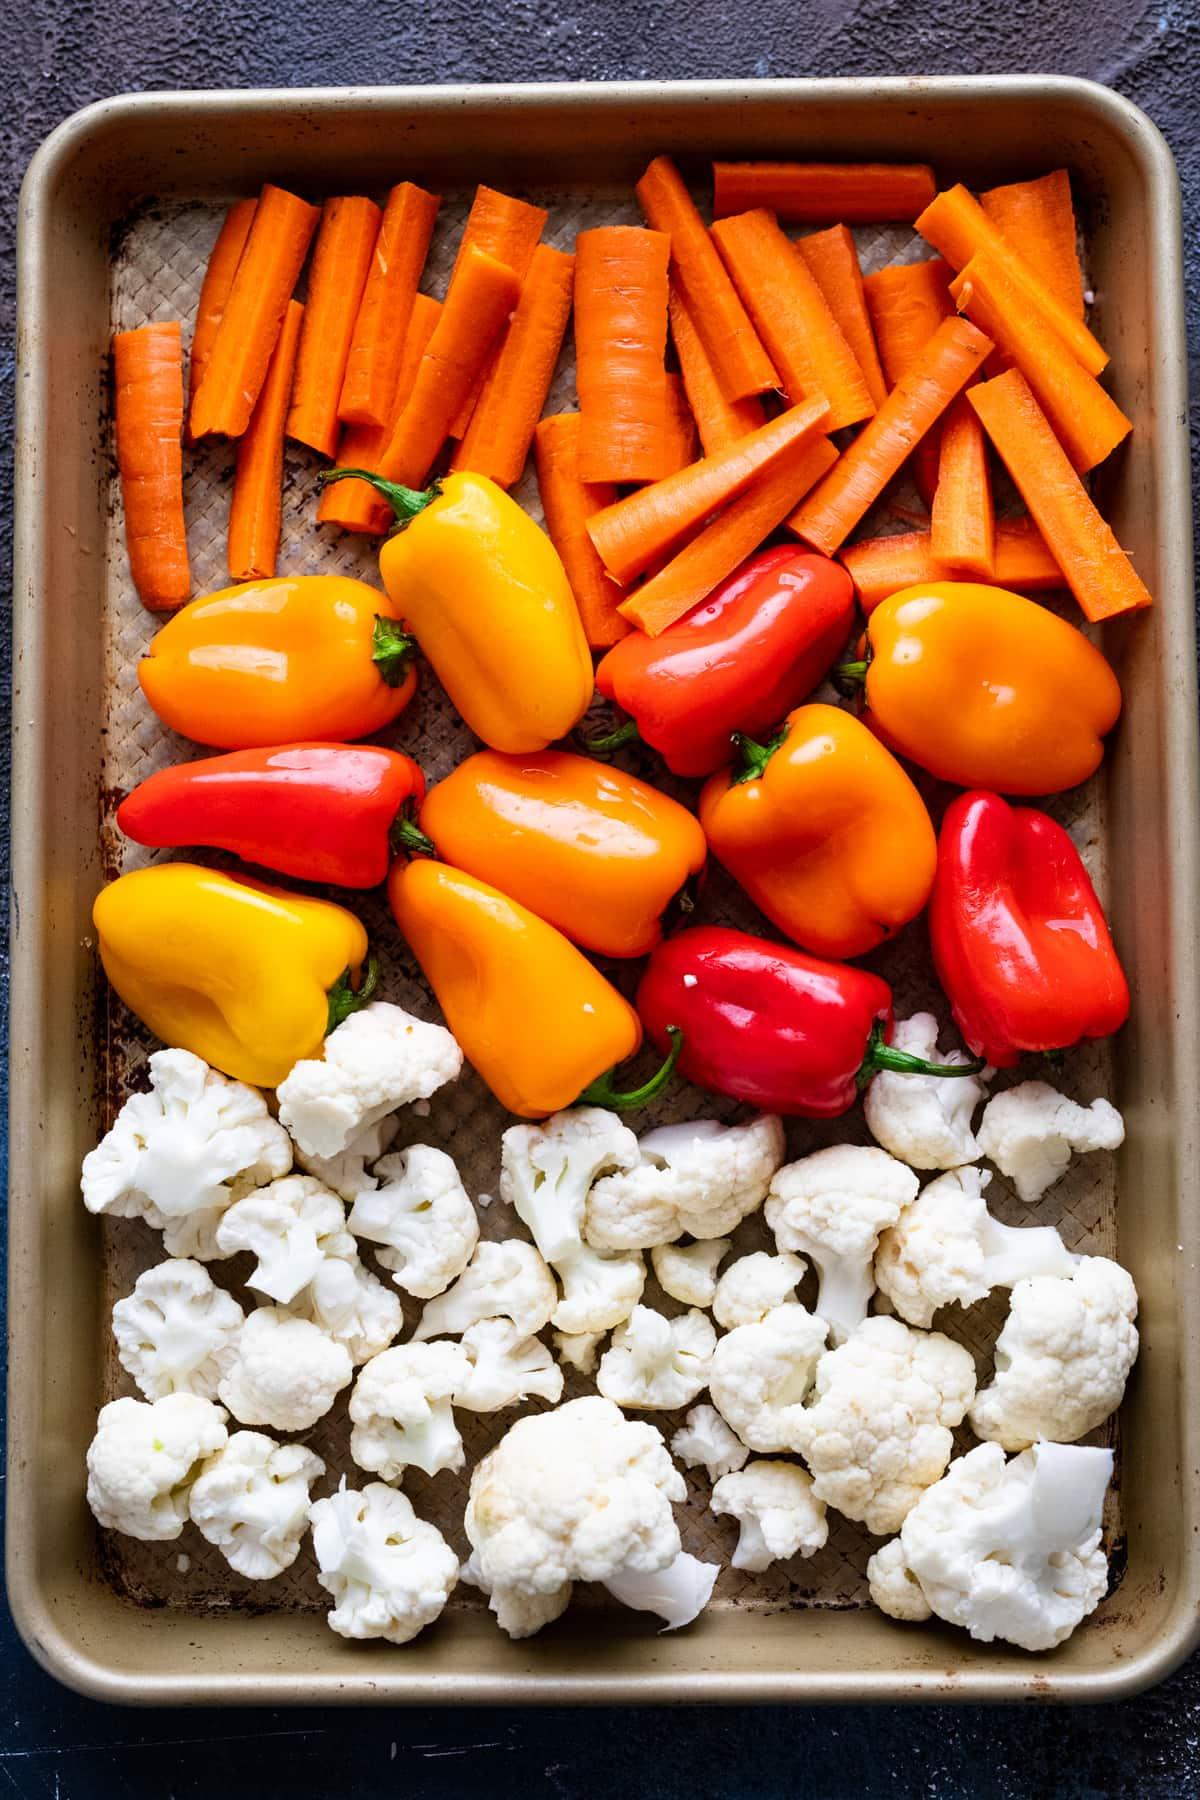 An assortment of vegetables arranged on a sheet pan.